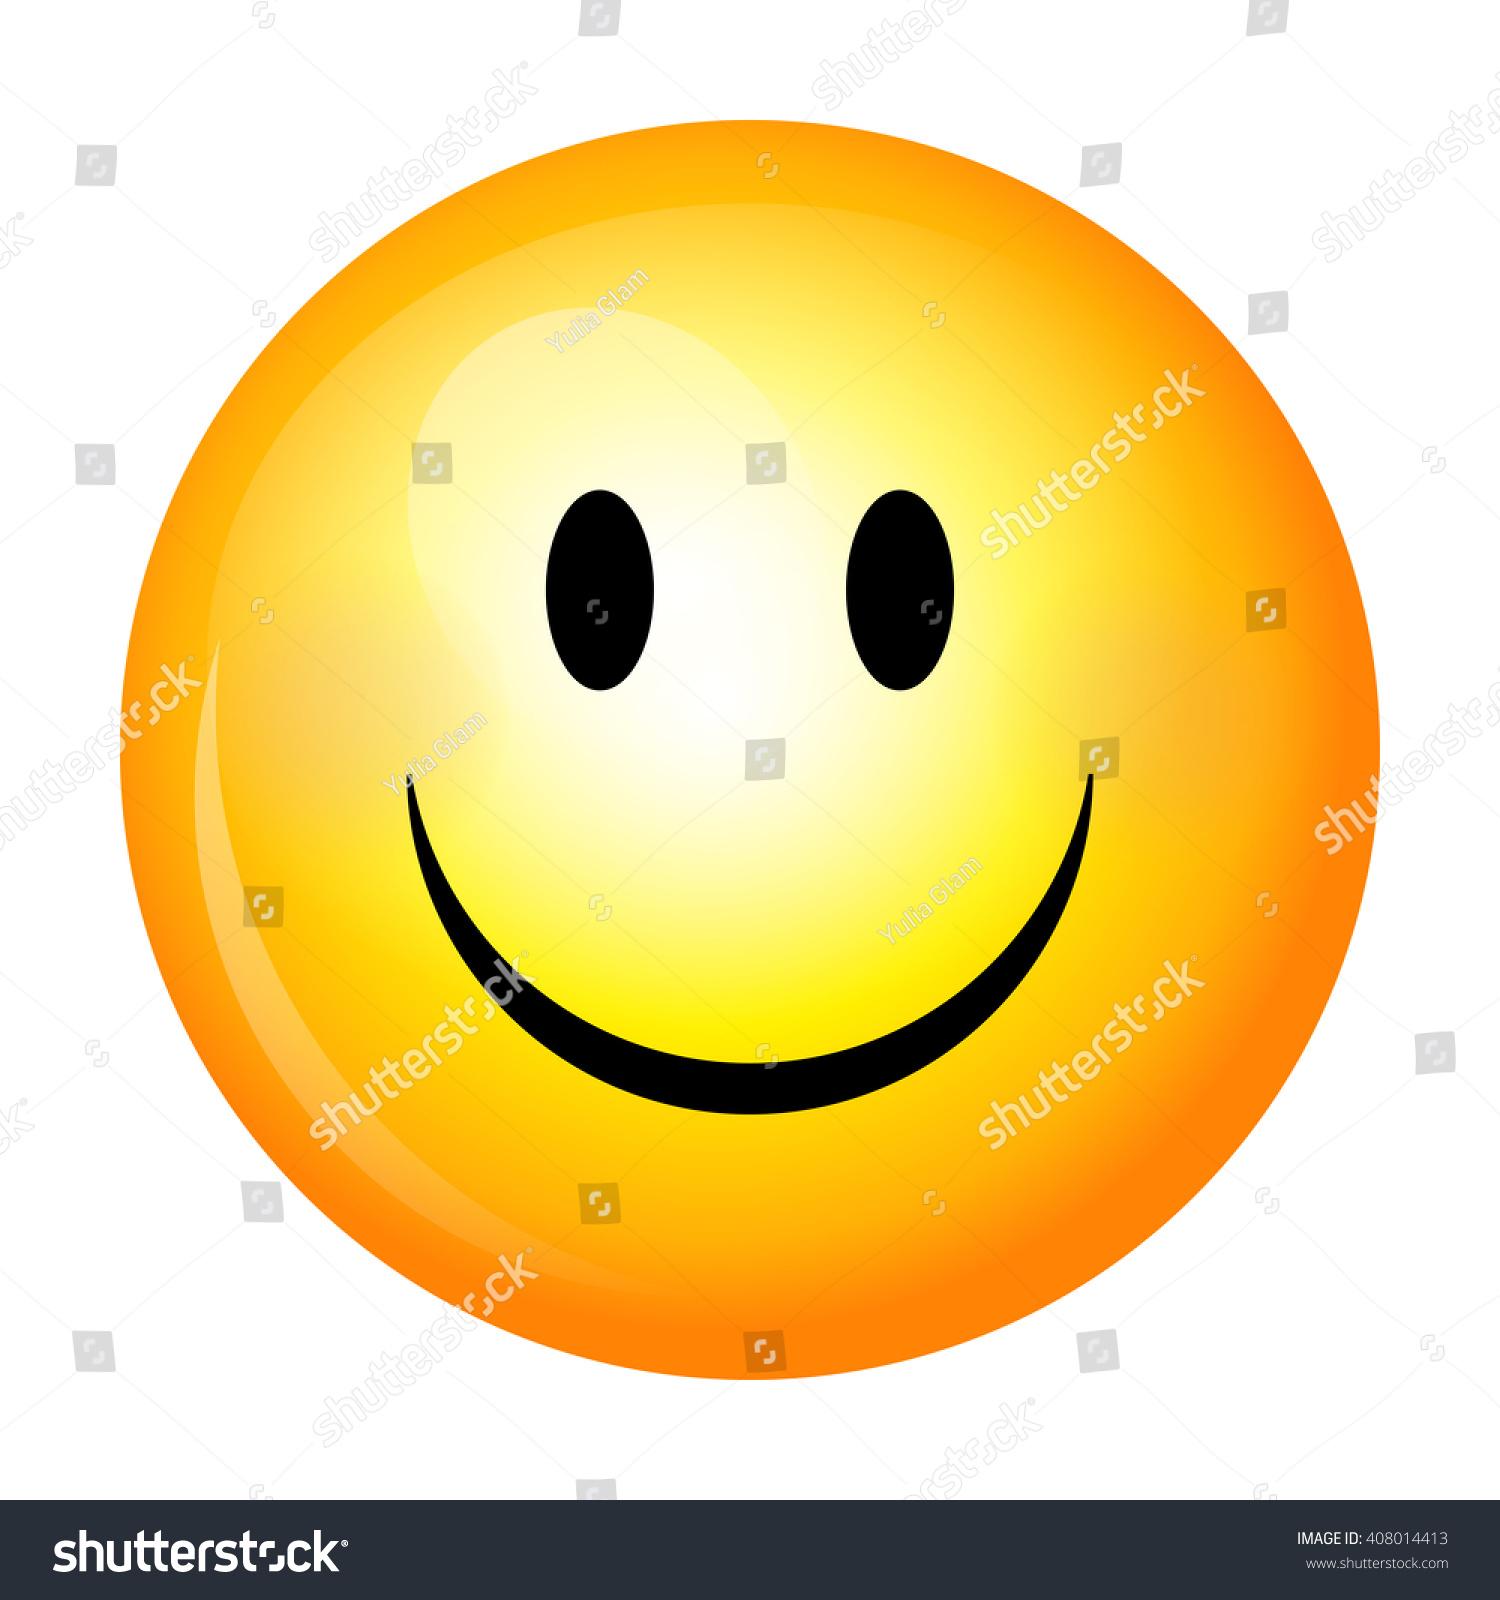 smiley vector happy face stock vector 408014413 shutterstock rh shutterstock com free vector smiley face icon set yellow vector smiley faces